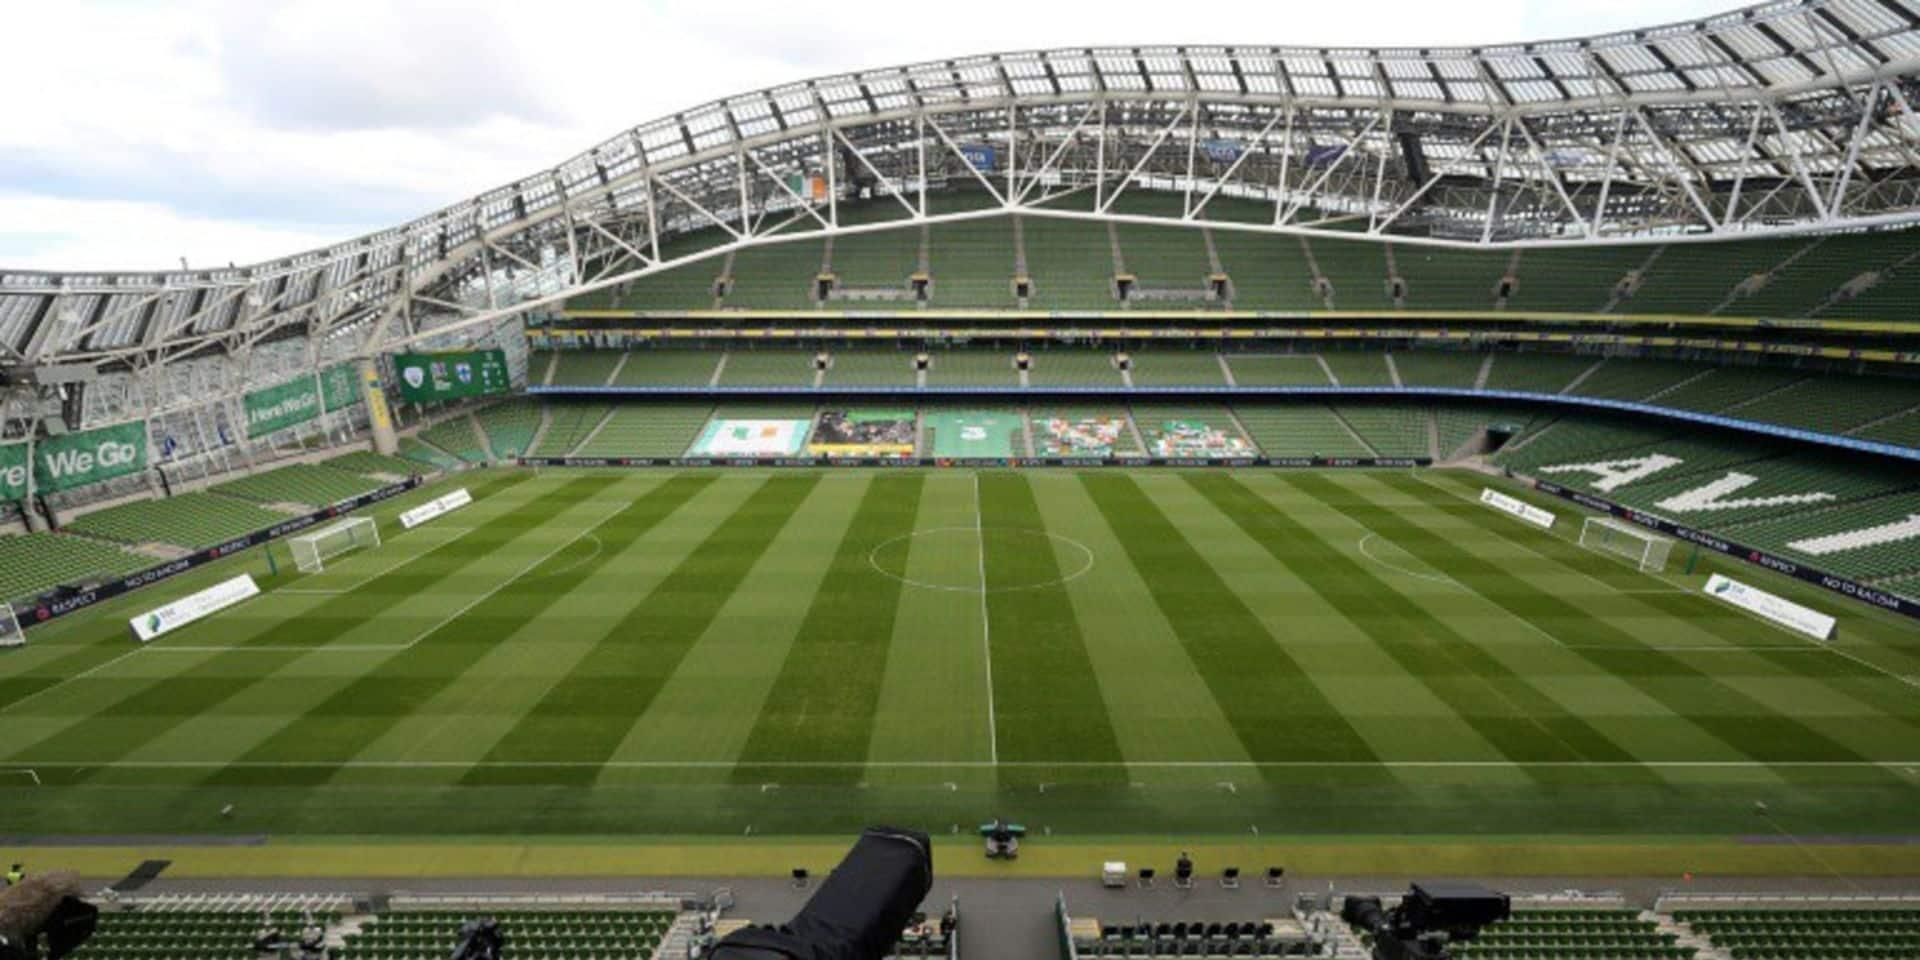 Le gouvernement irlandais ne s'attend pas à pouvoir remplir le stade de Dublin à 25% pour l'Euro 2020